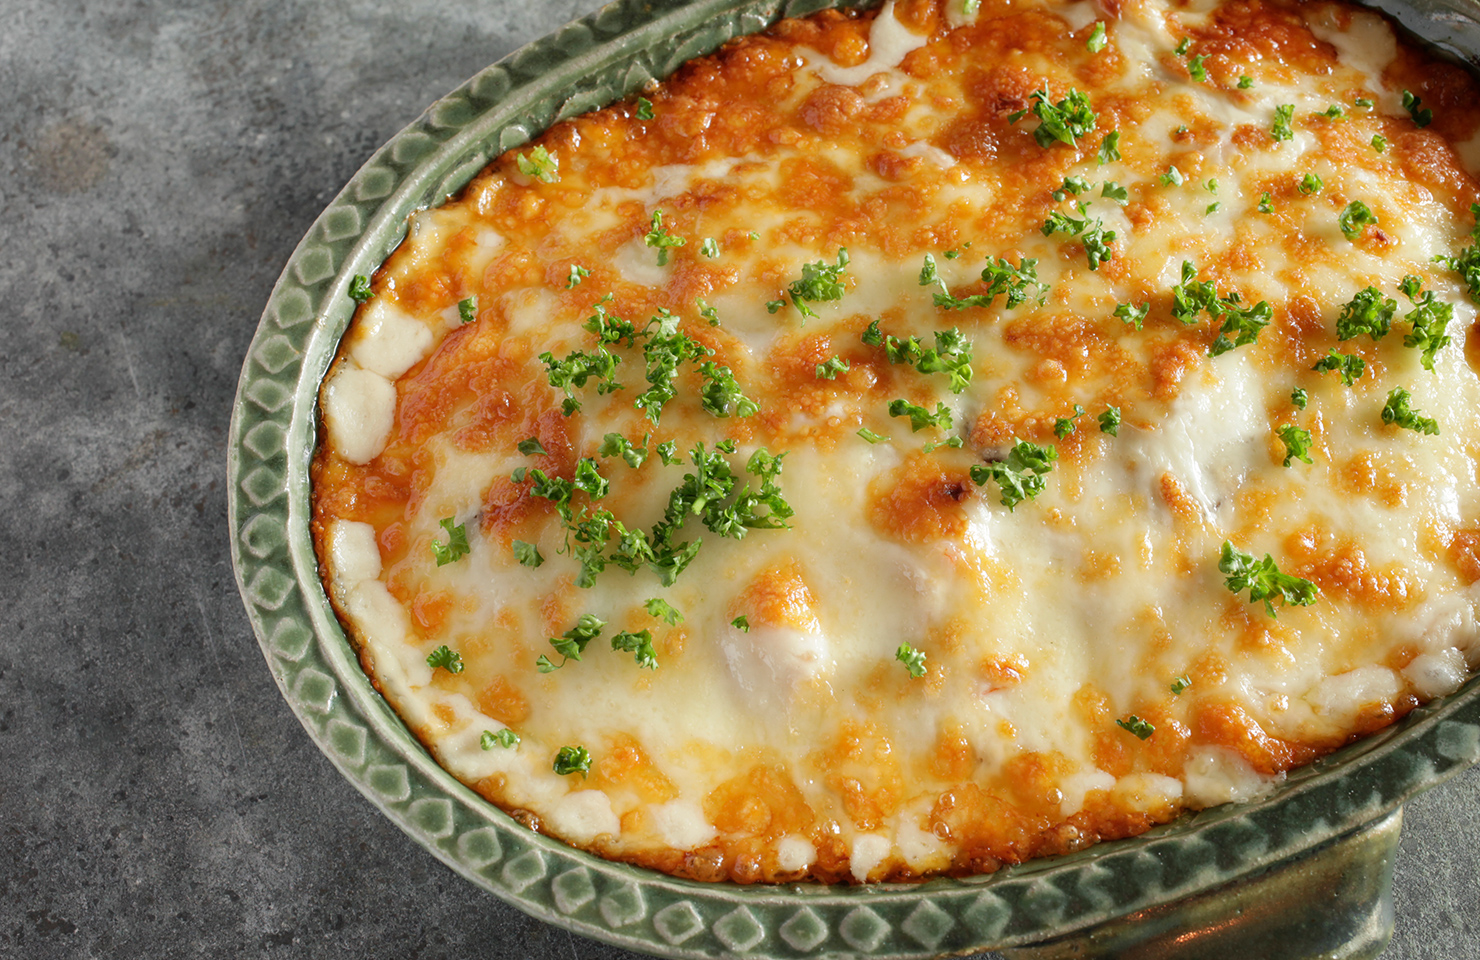 エビドリア。 <br>湯気まで味わいたくなるコムギ料理を囲めば、たちまち食卓もほっこりあたたか。冷水さんの冬のレシピをお届けします。